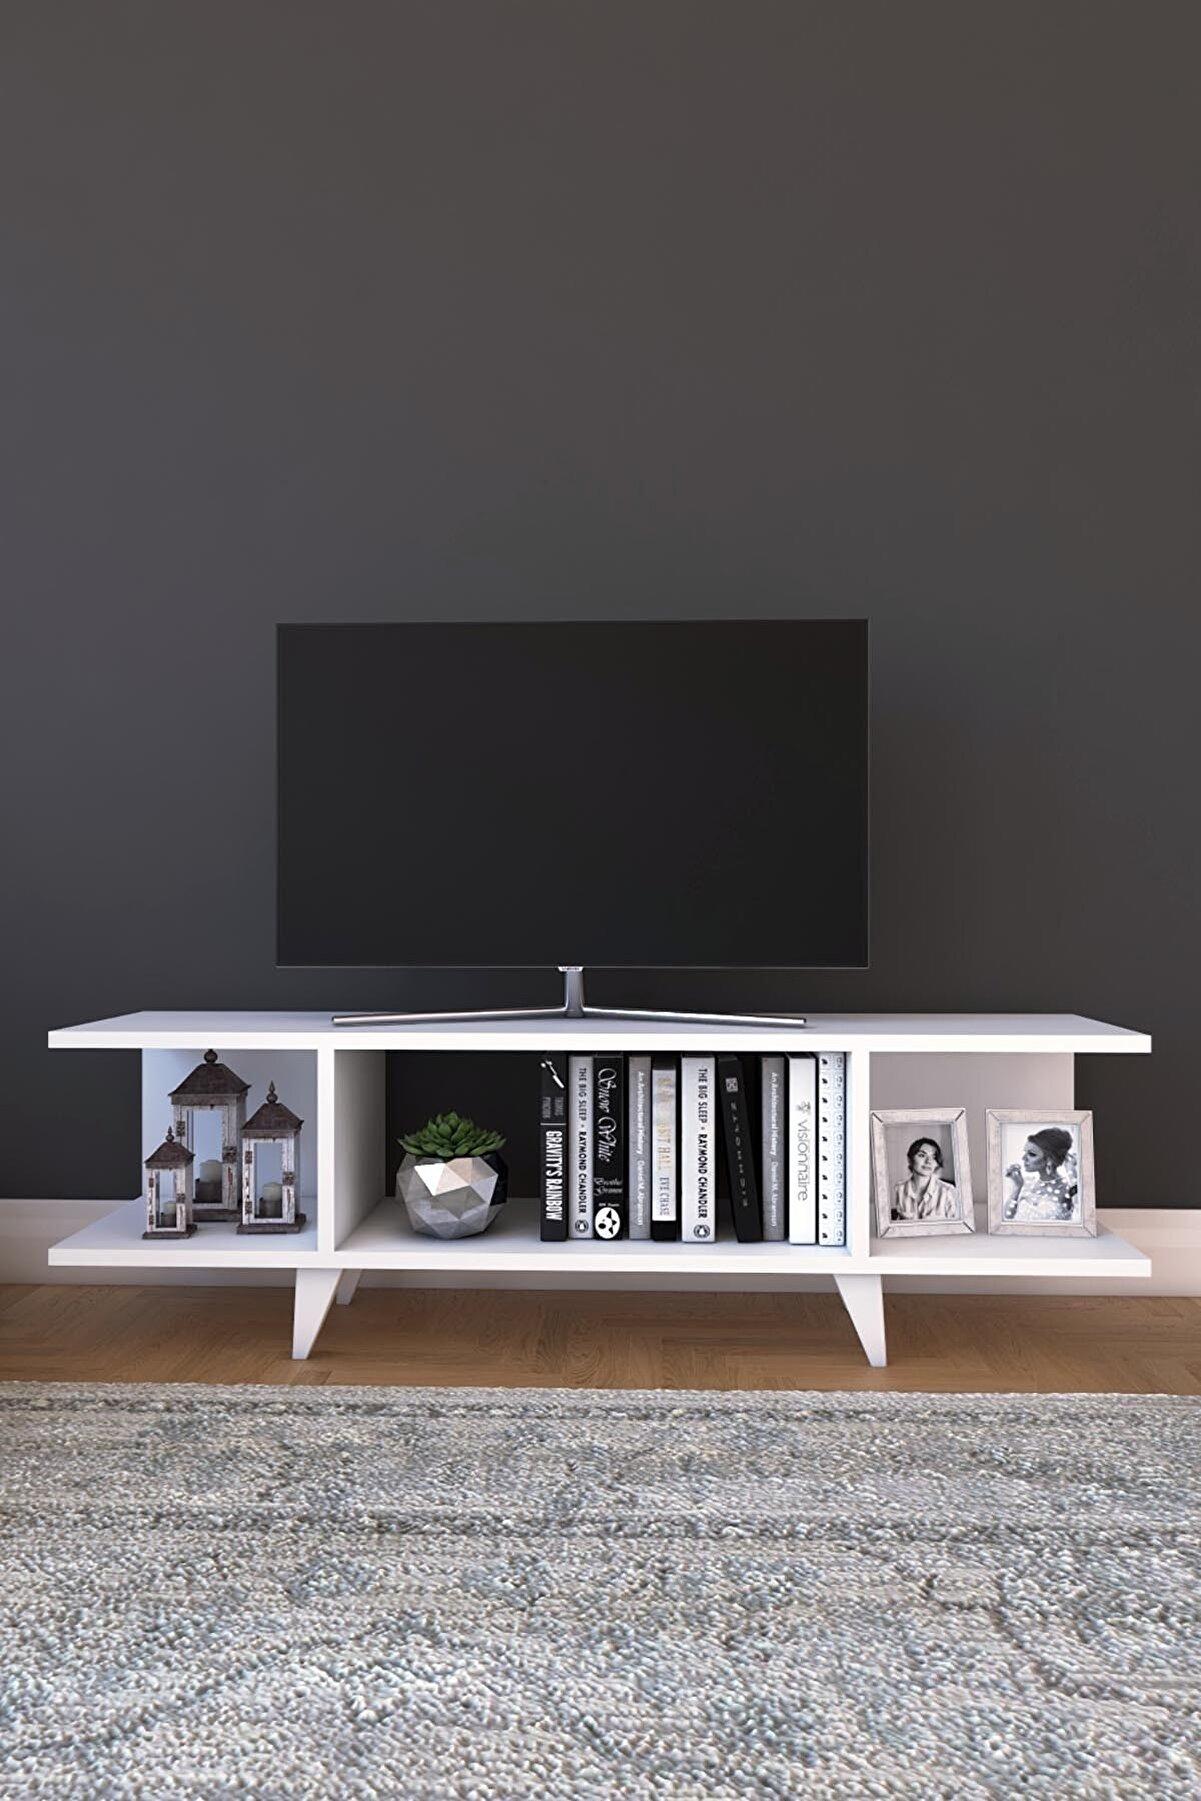 Platinreyon Kapaksız Tv Ünitesi Modern Tv Ünitesi 90 Cm Tv Sehpası